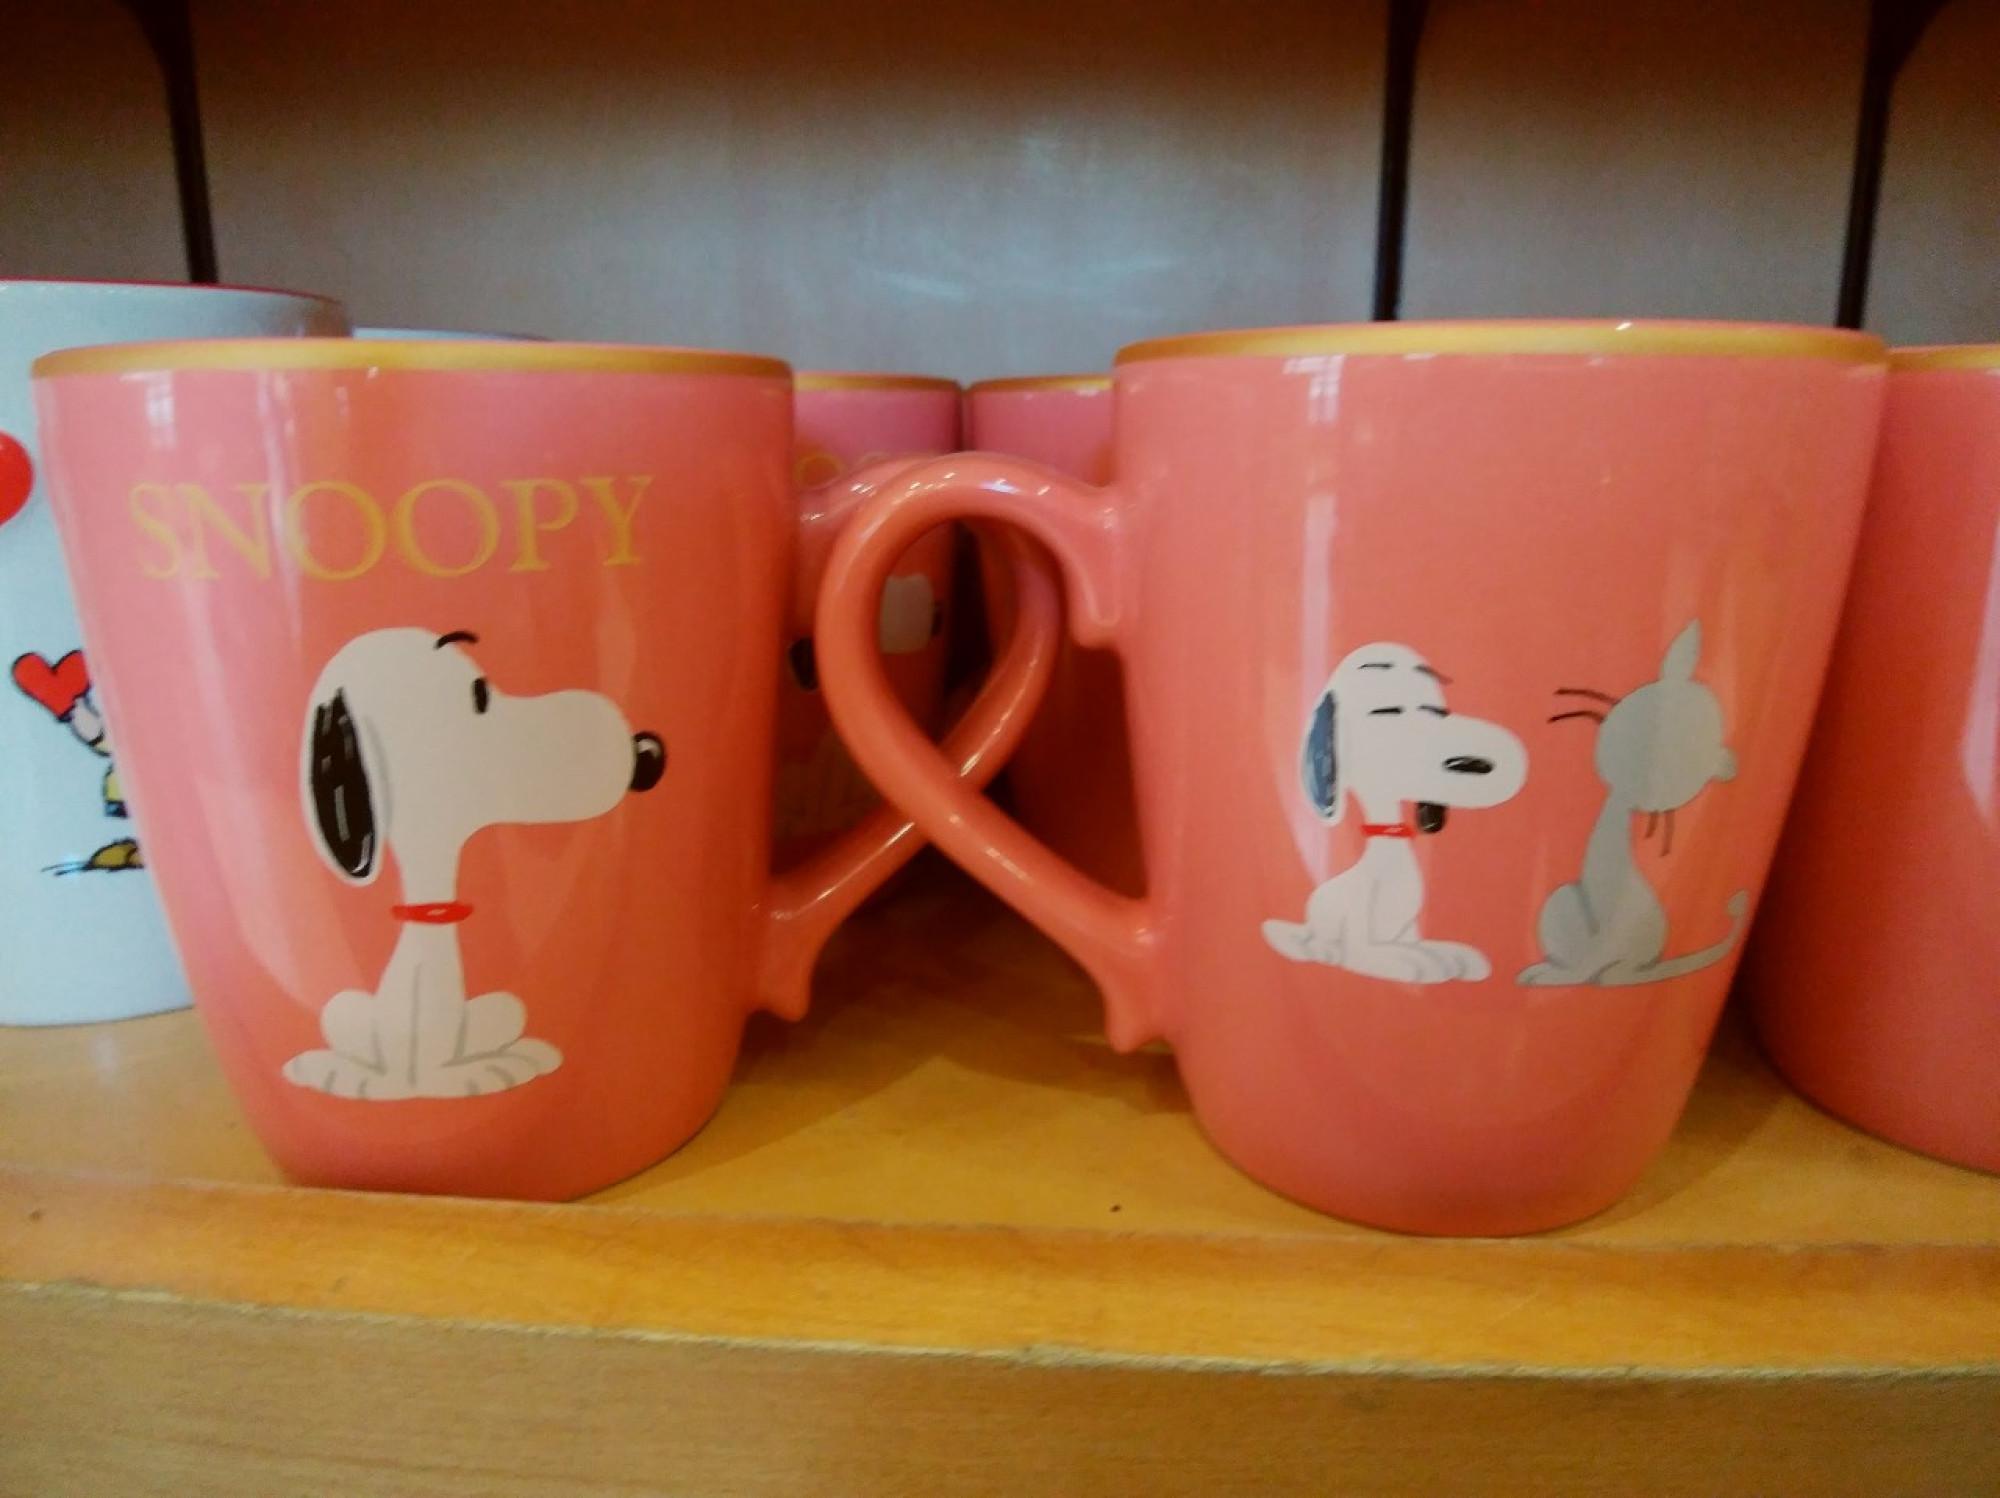 スヌーピー×ネコのマグカップ